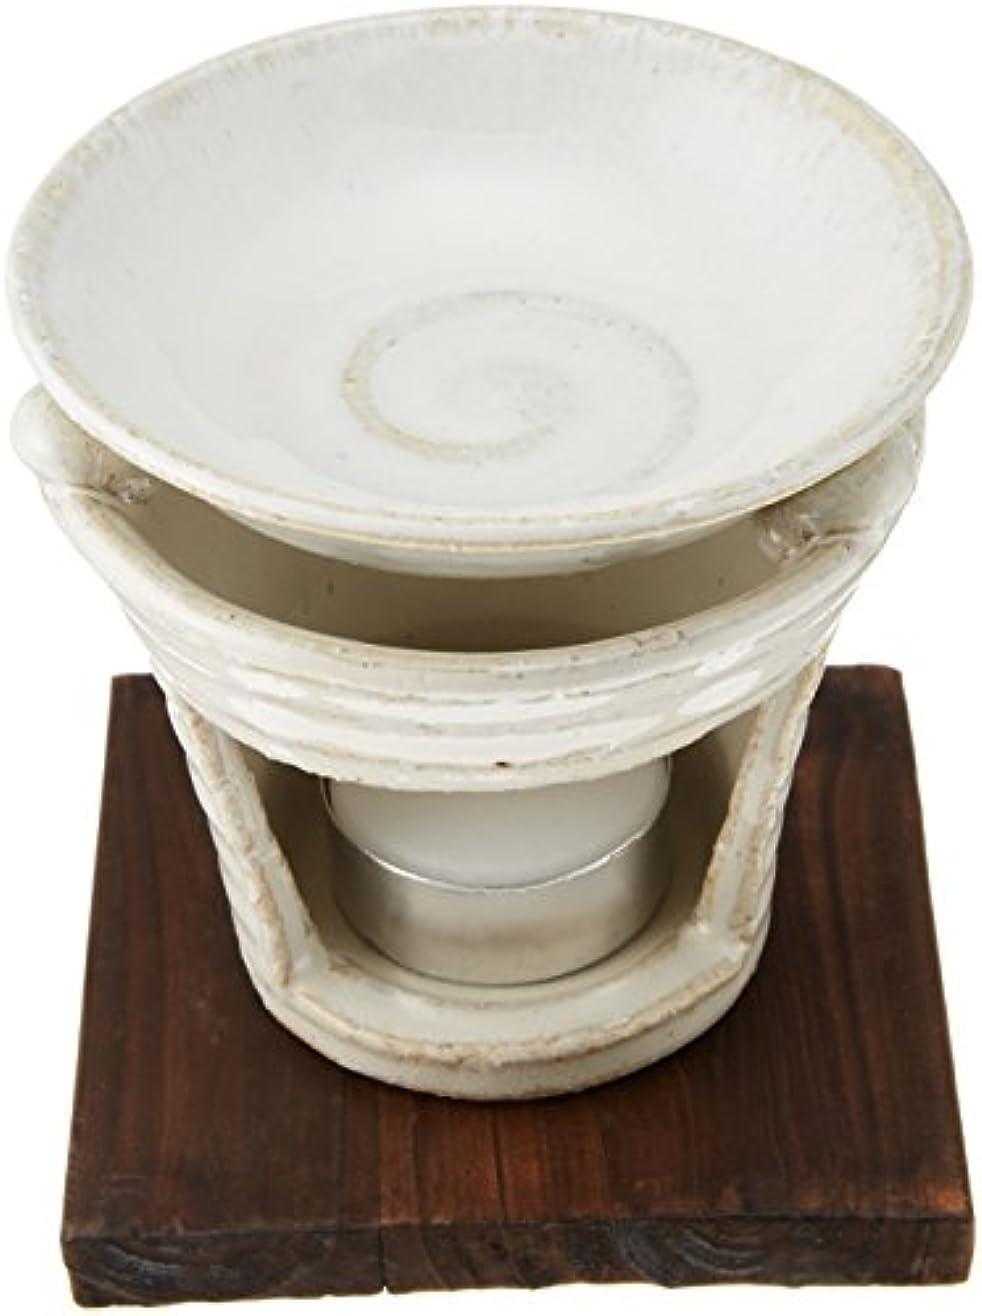 透けて見えるに頼るスプレー香炉 茶香炉 白萩 [H10cm] プレゼント ギフト 和食器 かわいい インテリア